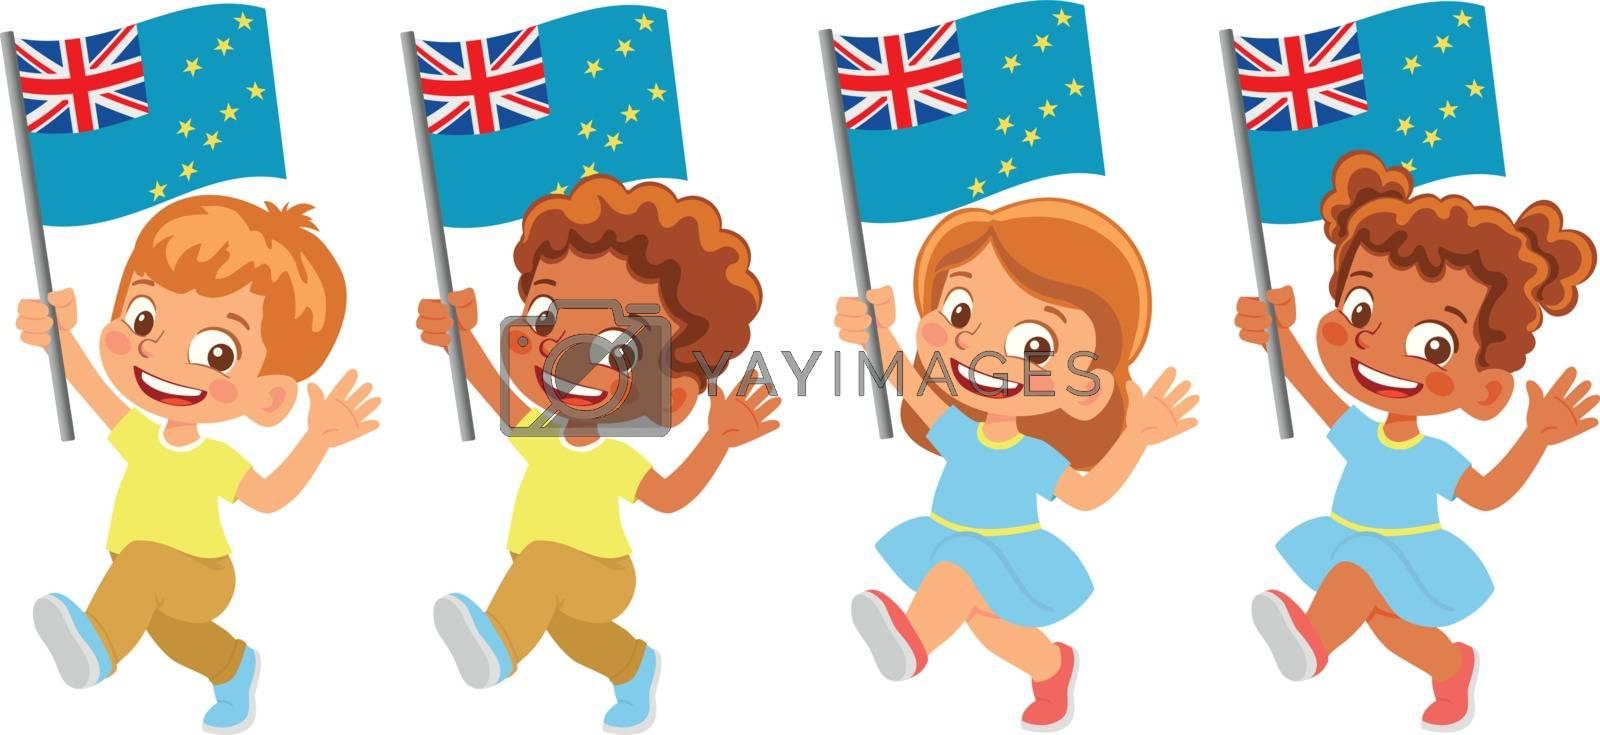 Tuvalu flag in hand. Children holding flag. National flag of Tuvalu vector